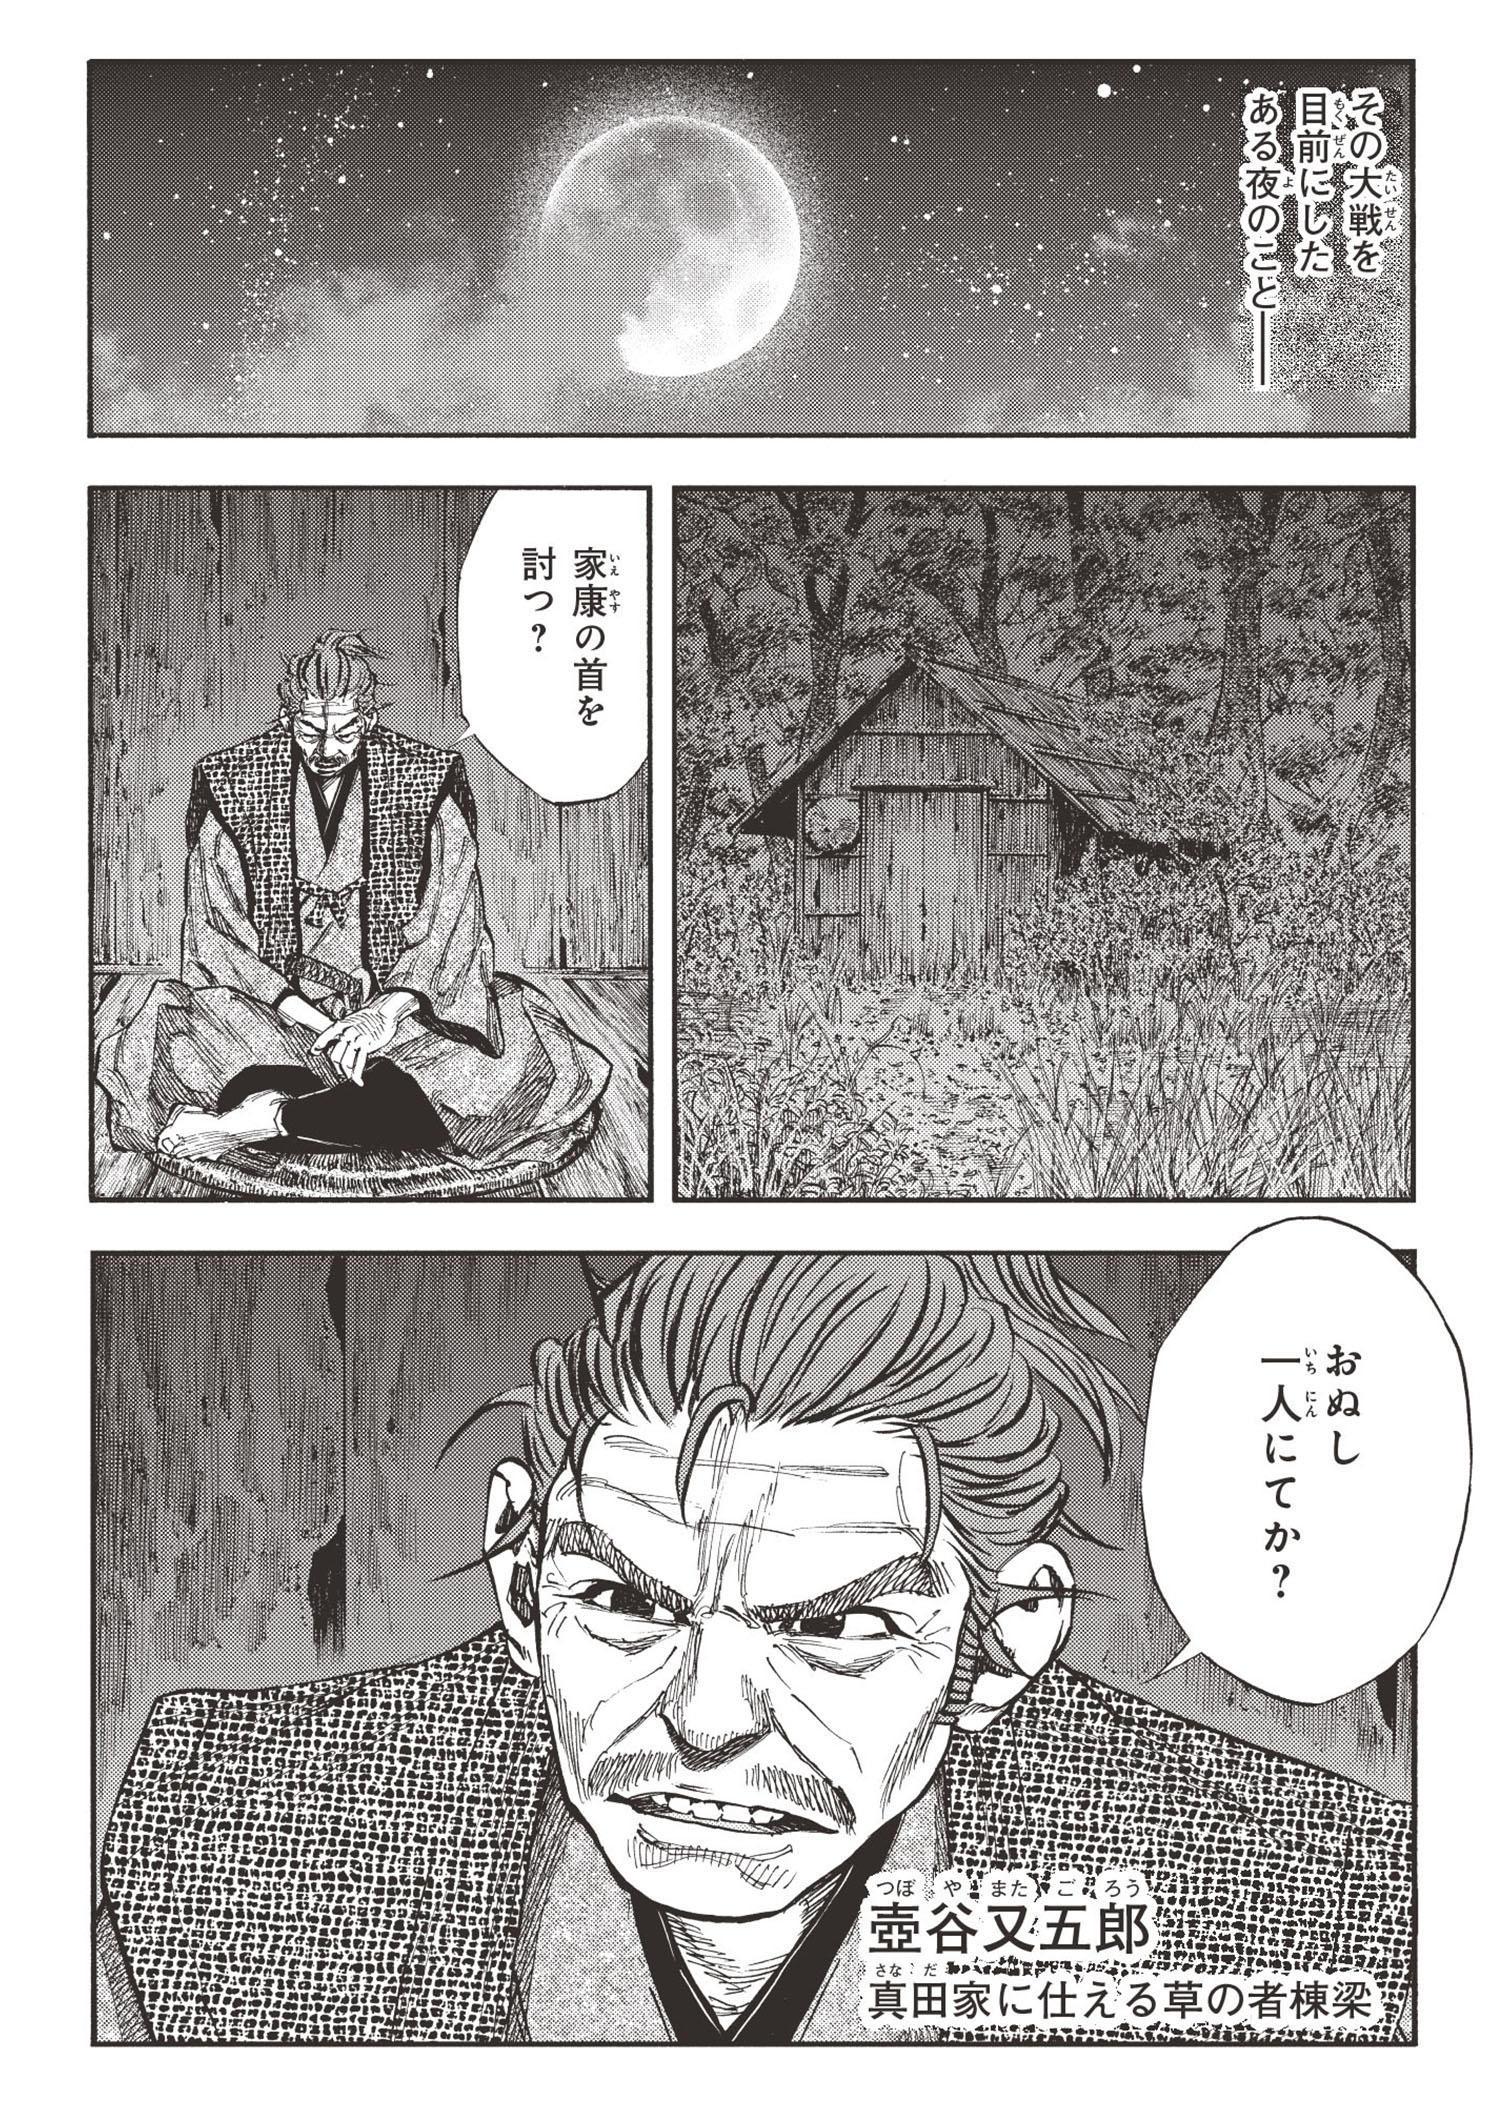 真田太平記 第0話「日本一の兵」①sanada01_010.jpg